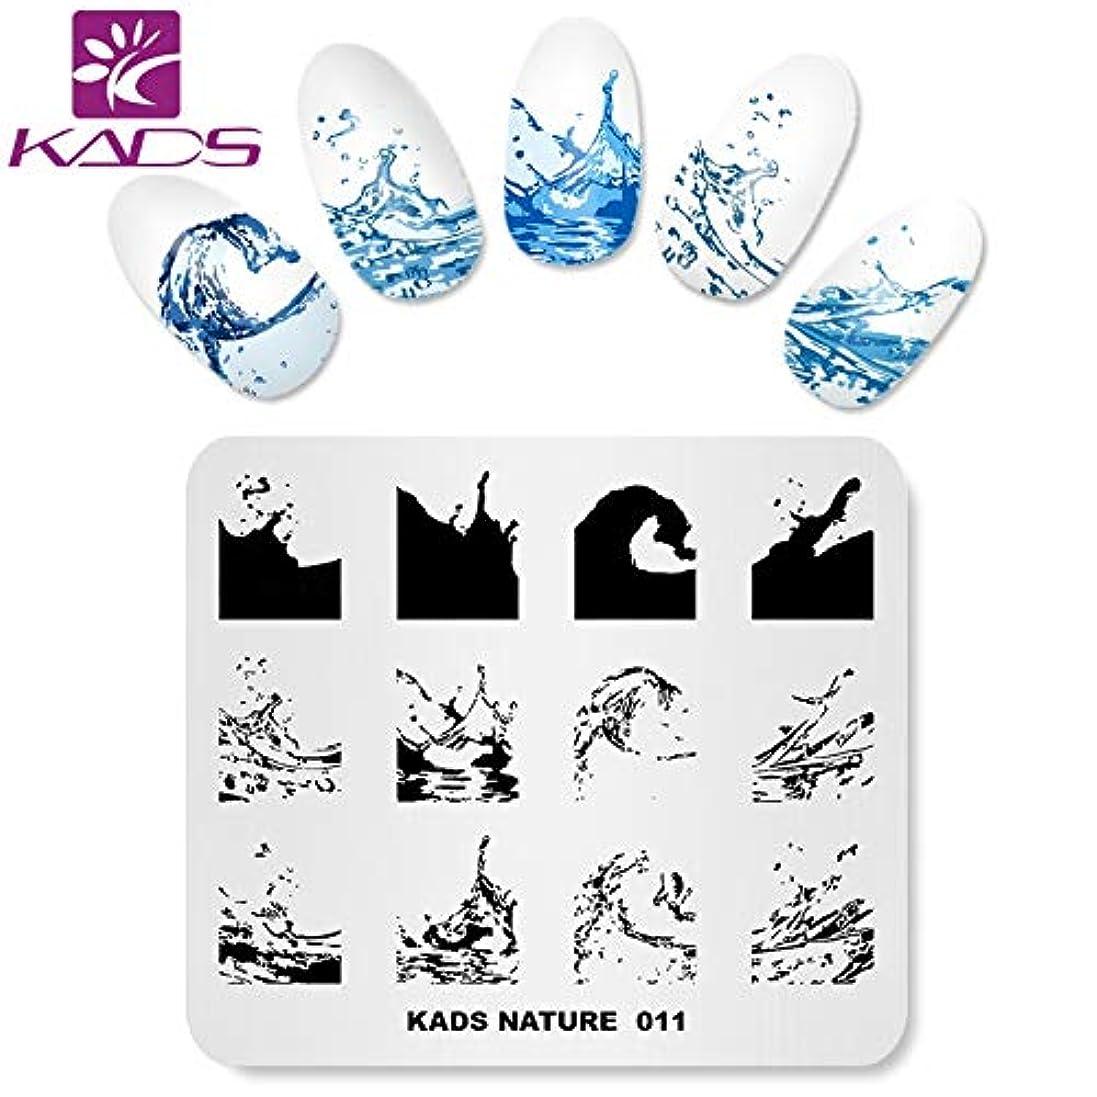 してはいけない給料避難KADS ネイルスタンプ ネイルスタンピングプレート ナチュラル系 ネイルステンシル ネイルアート道具 (NA011)